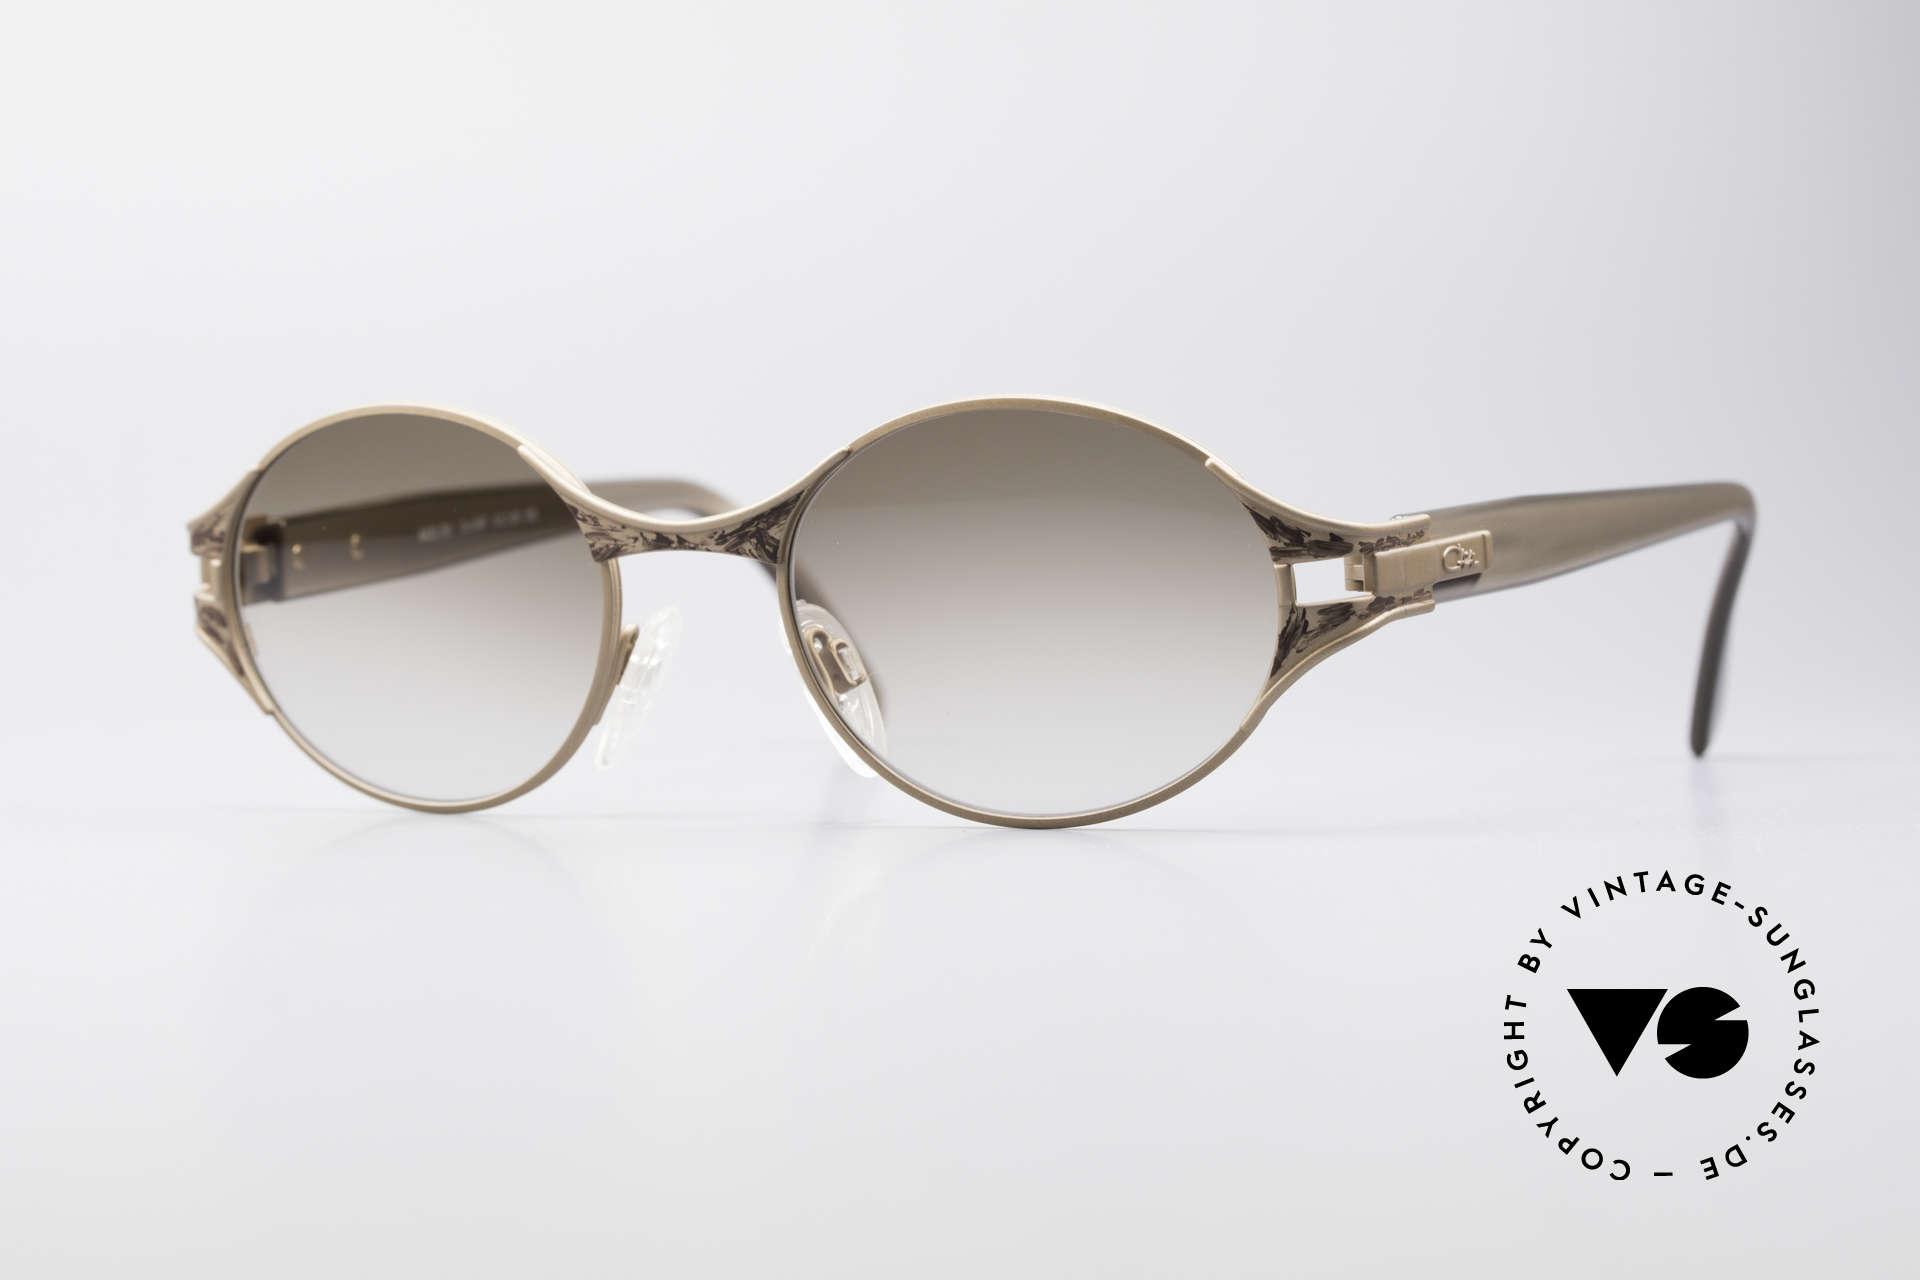 Cazal 281 90er Damen Sonnenbrille Oval, CAZAL vintage Sonnenbrille aus den späten 90ern, Passend für Damen